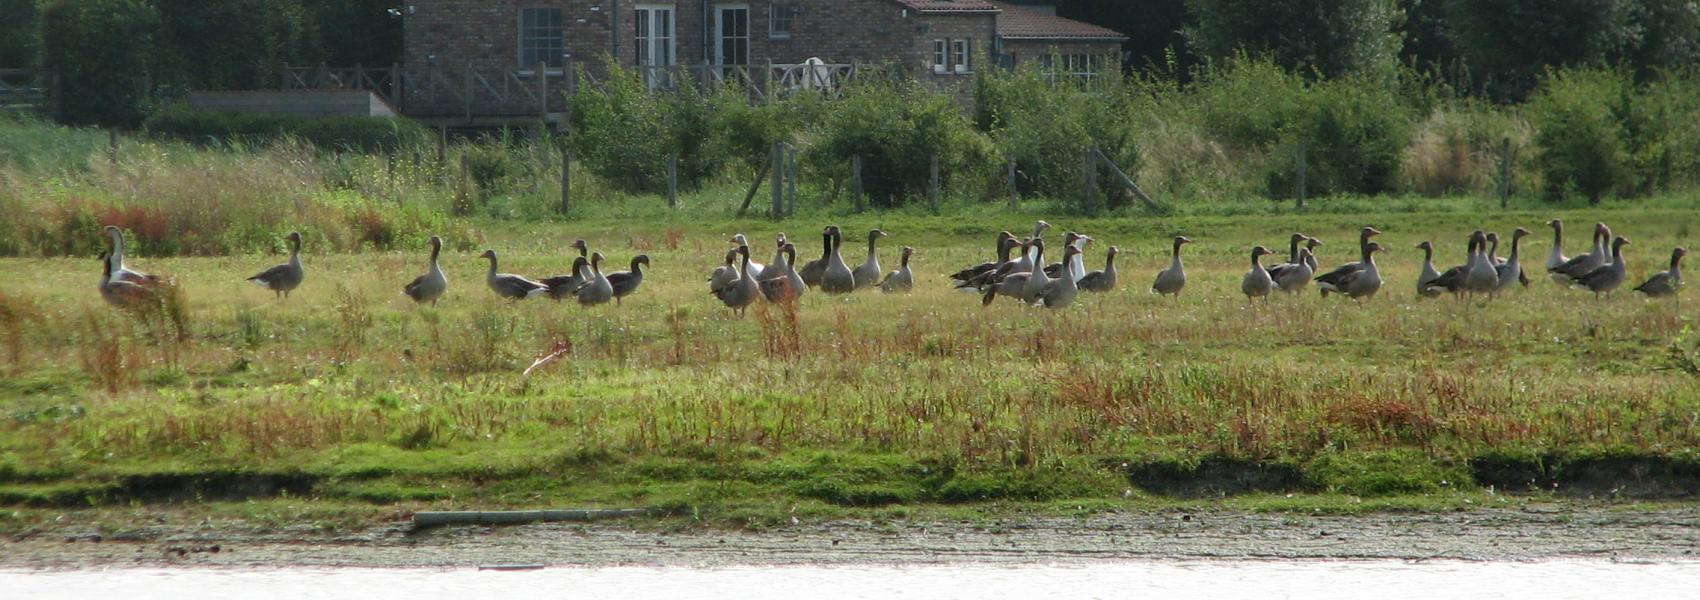 groep ganzen bij het water